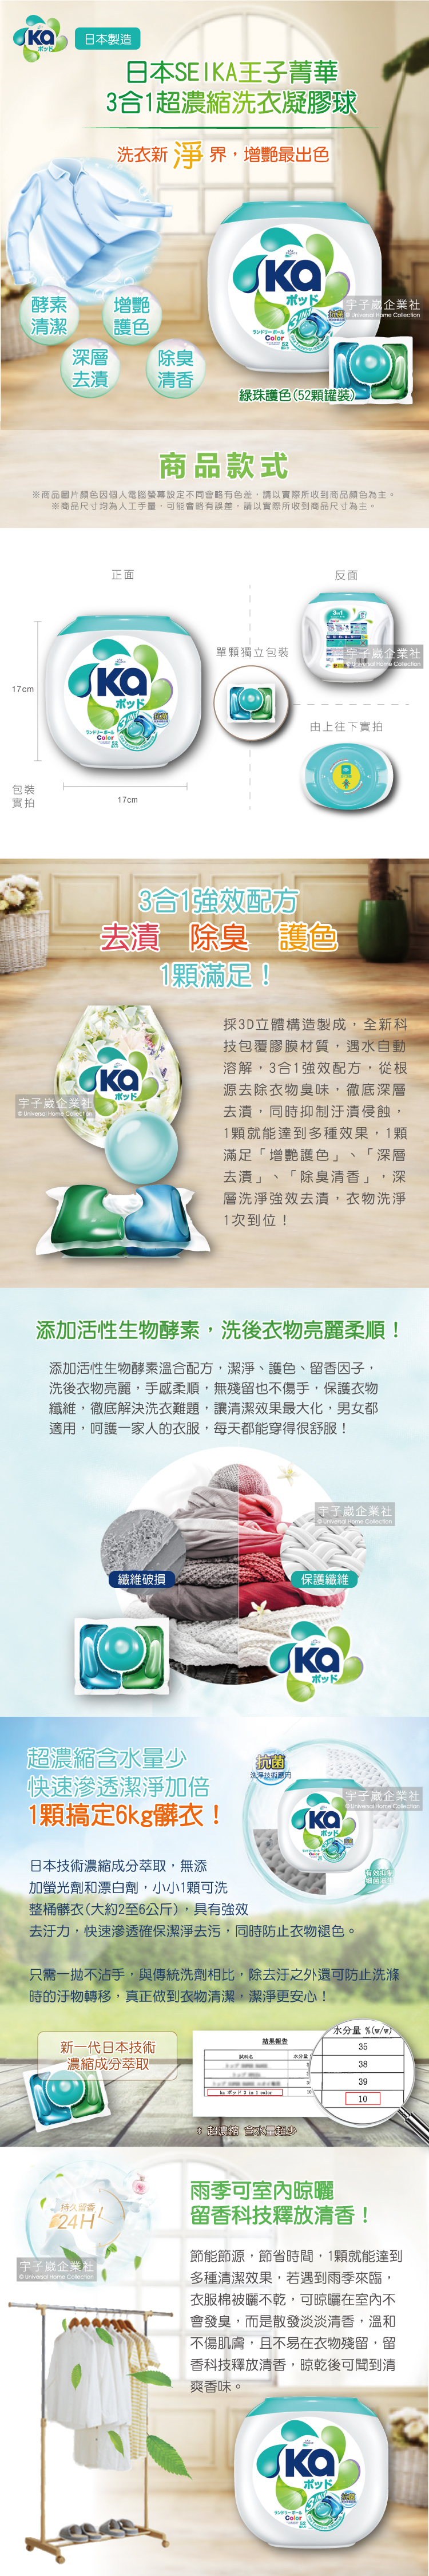 日本SEIKA王子菁華3合1超濃縮洗衣凝膠球-綠珠護色(52顆罐裝)介紹圖